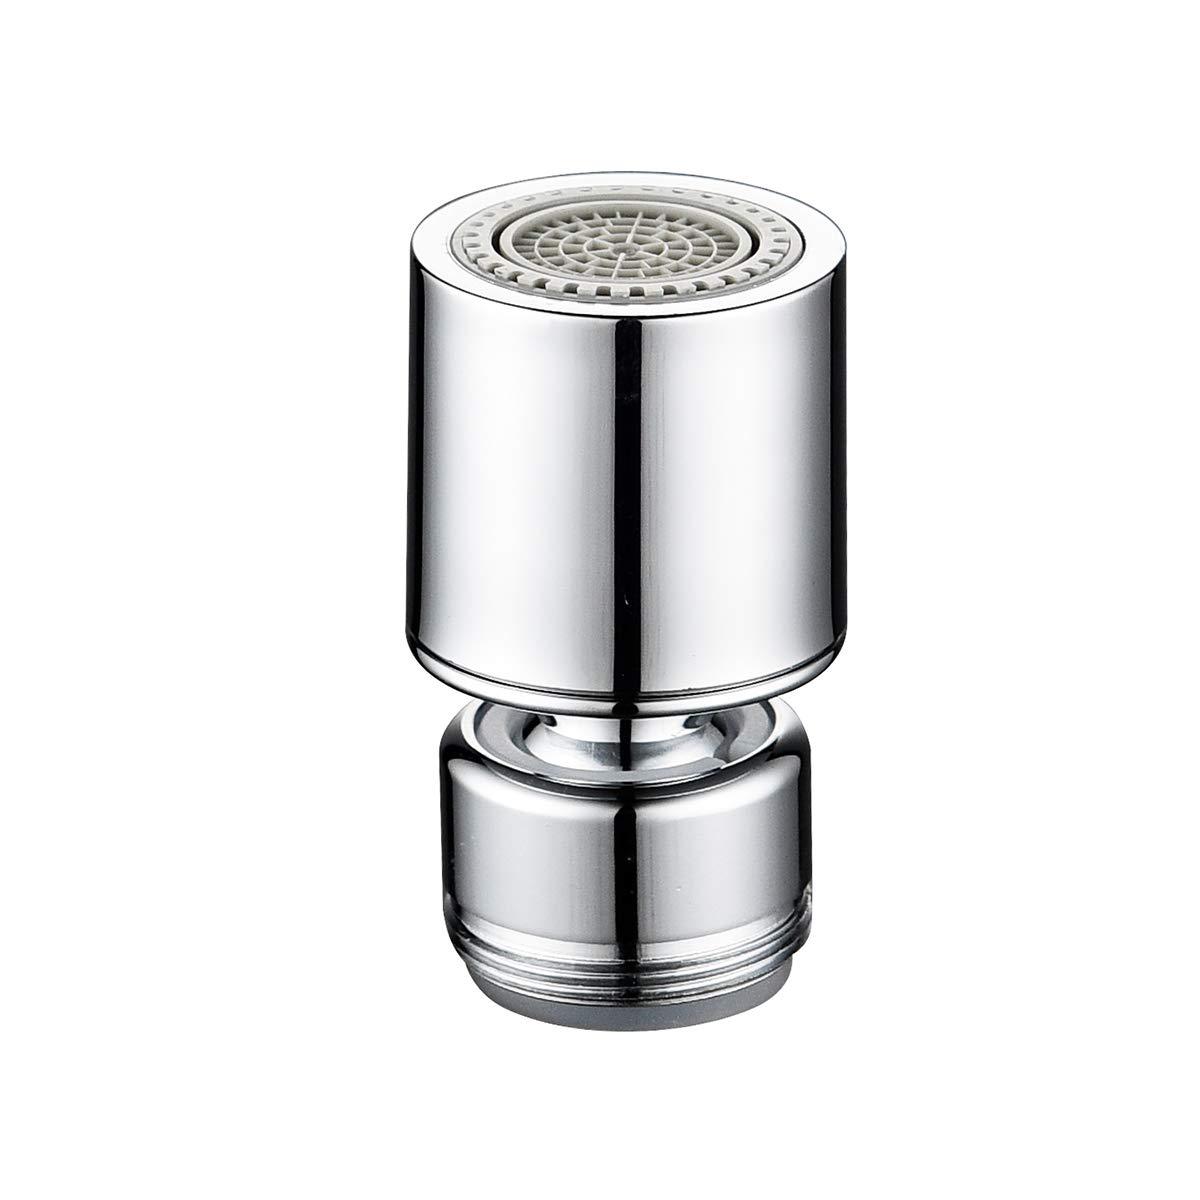 /économiseur deau faible d/ébit a/érateur pour robinet de cuisine robinets de salle de bains Ciencia laiton M22 filetage femelle double fonction a/érateur deau robinet AFA006